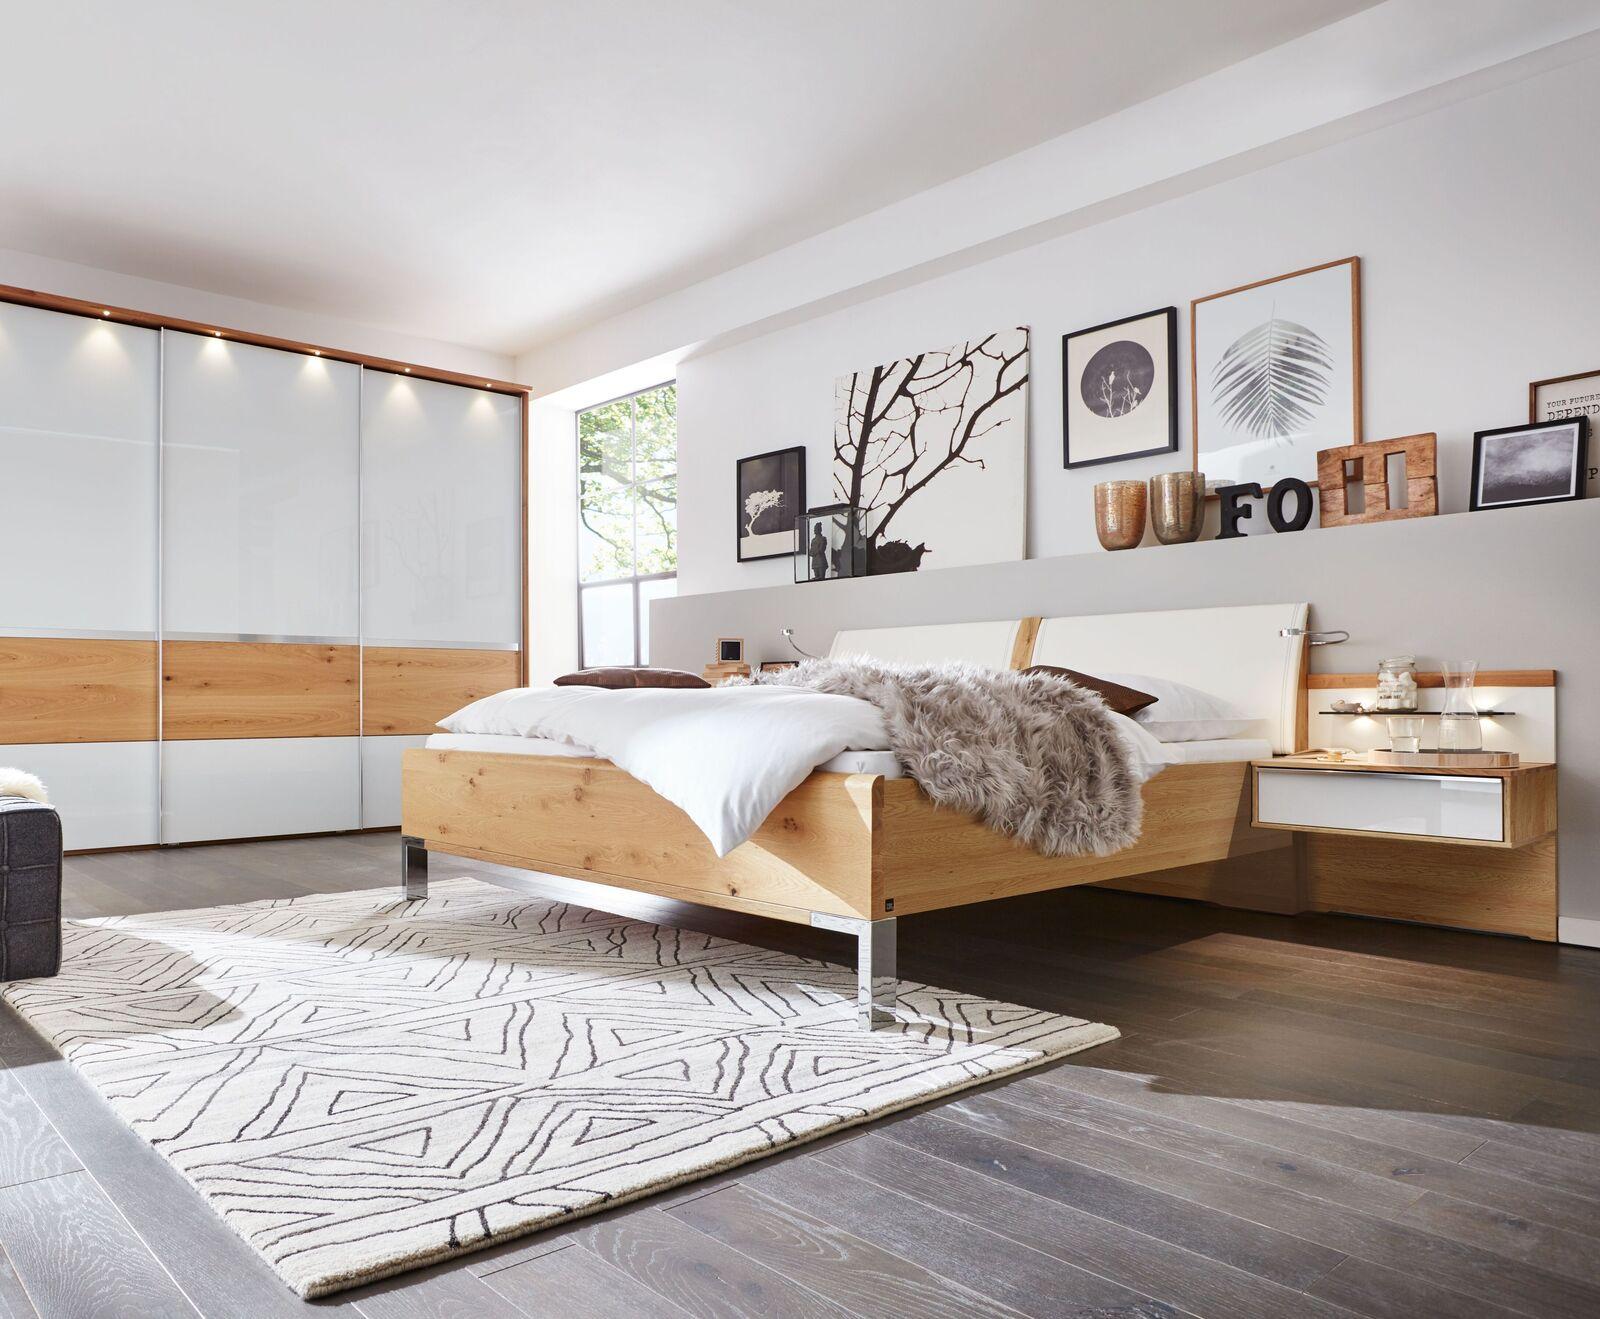 Interliving Schlafzimmer 1202 ᐅ 4 Tlg Mit Schwebeturenschrank